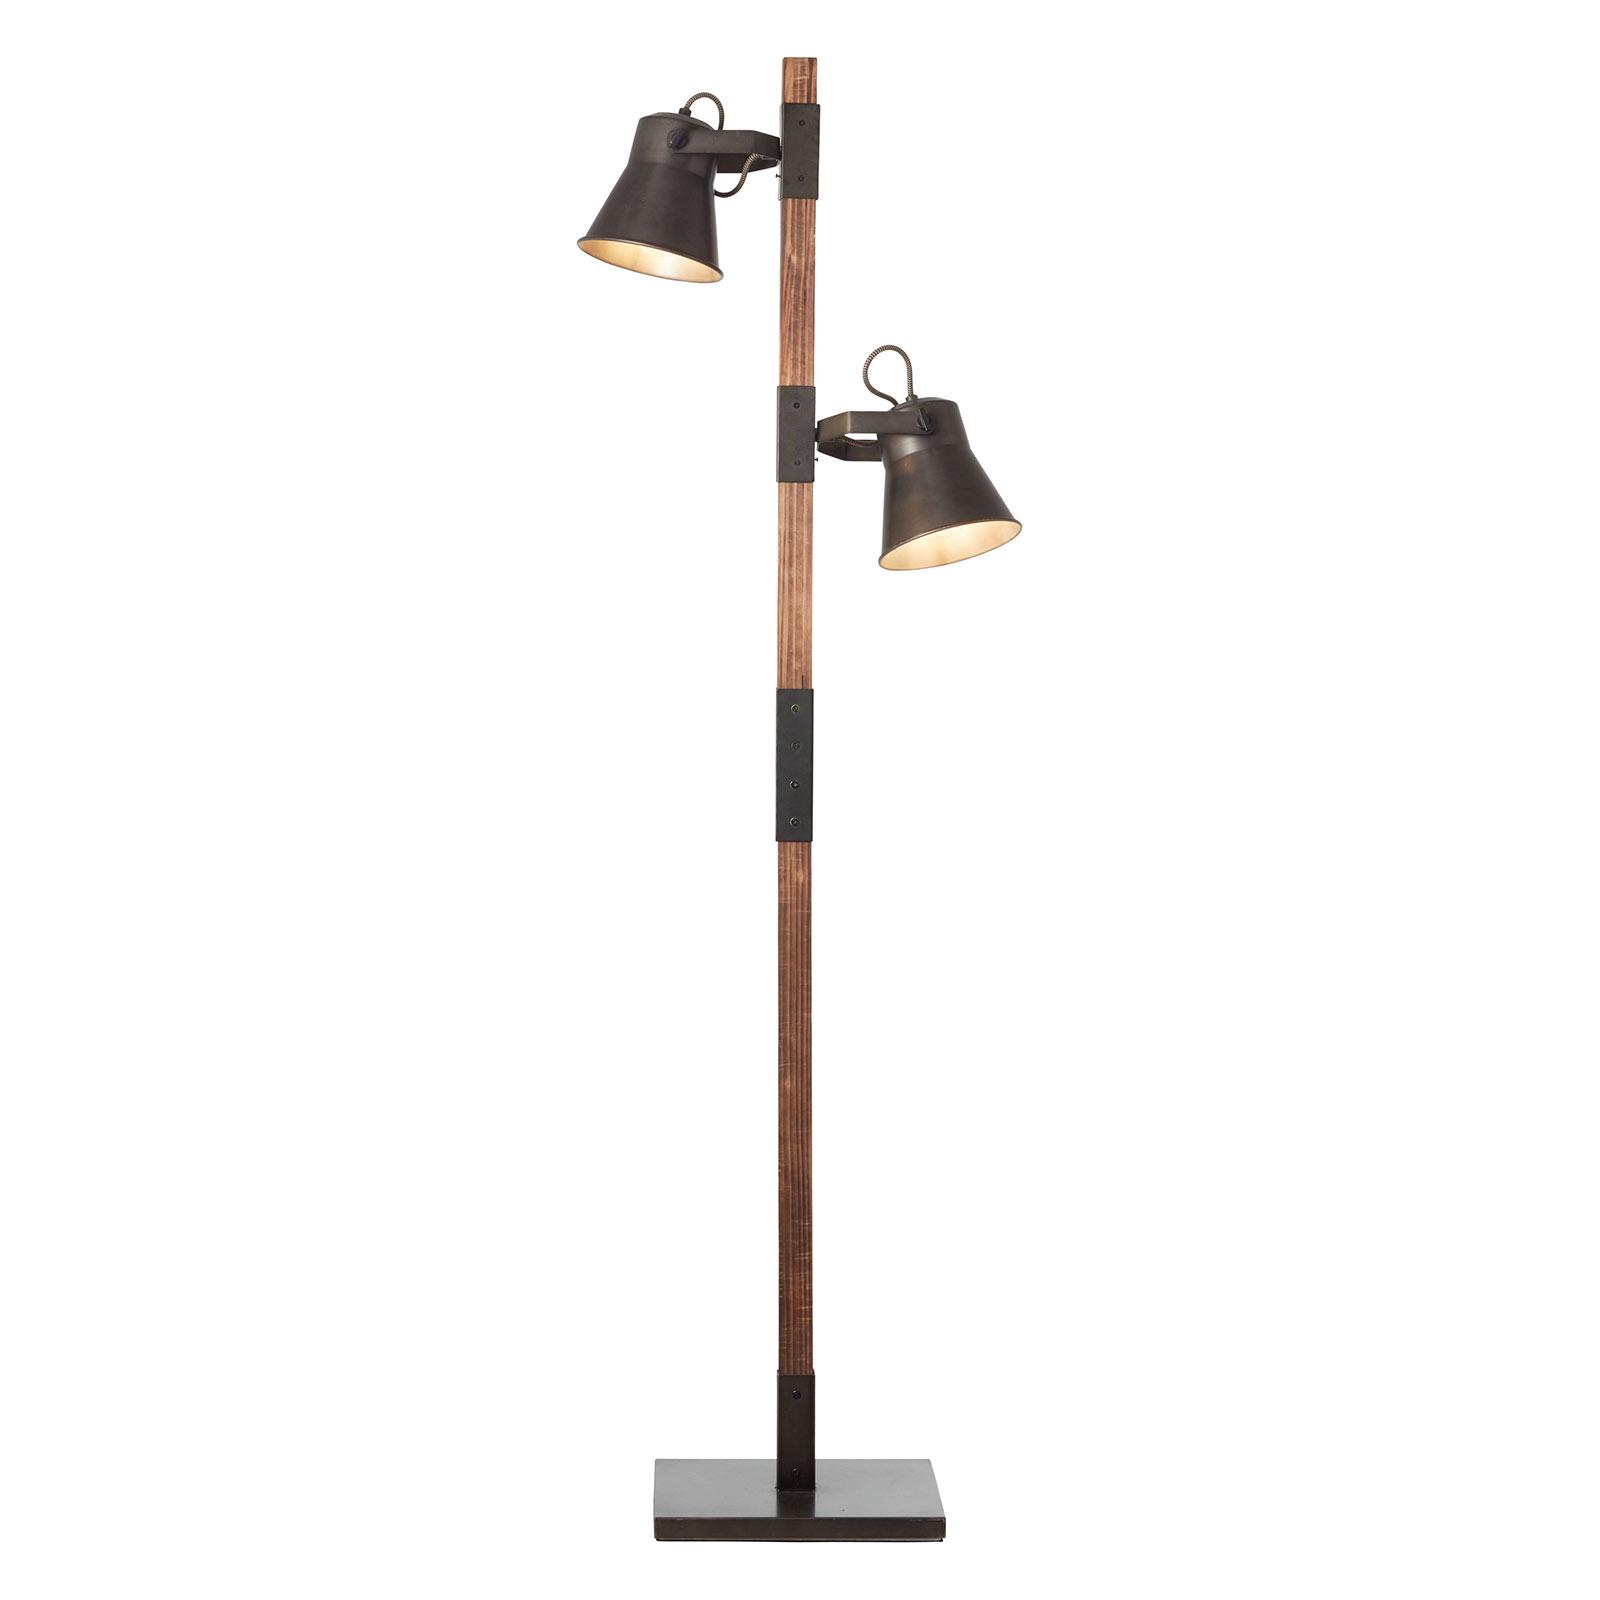 Golvlampa Plow med 2 spottar, svart/mörkt trä